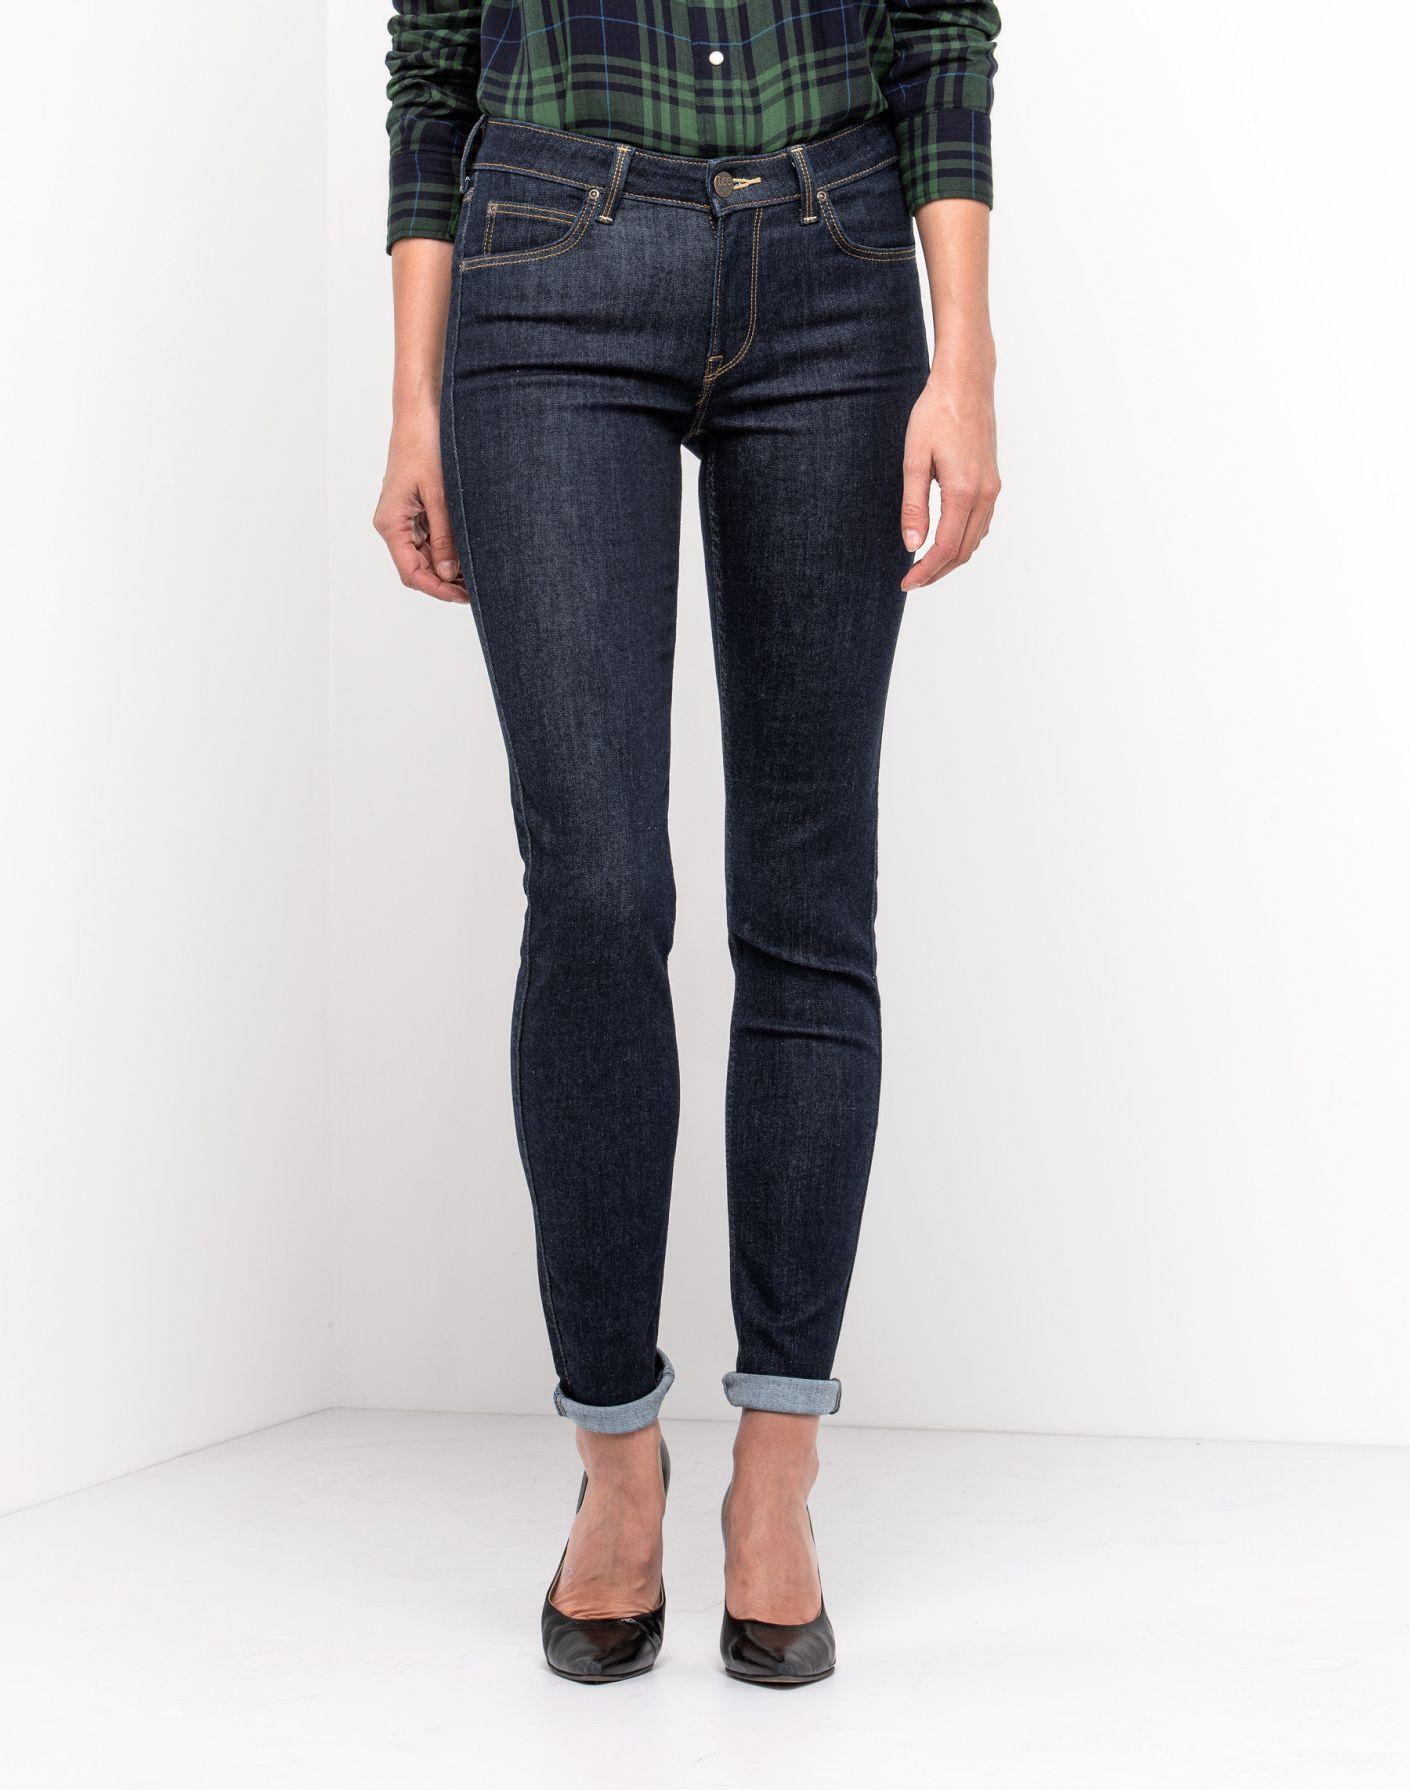 Dámské kalhoty Lee SCARLETT RINSE L526FR36 26-29 411790f965